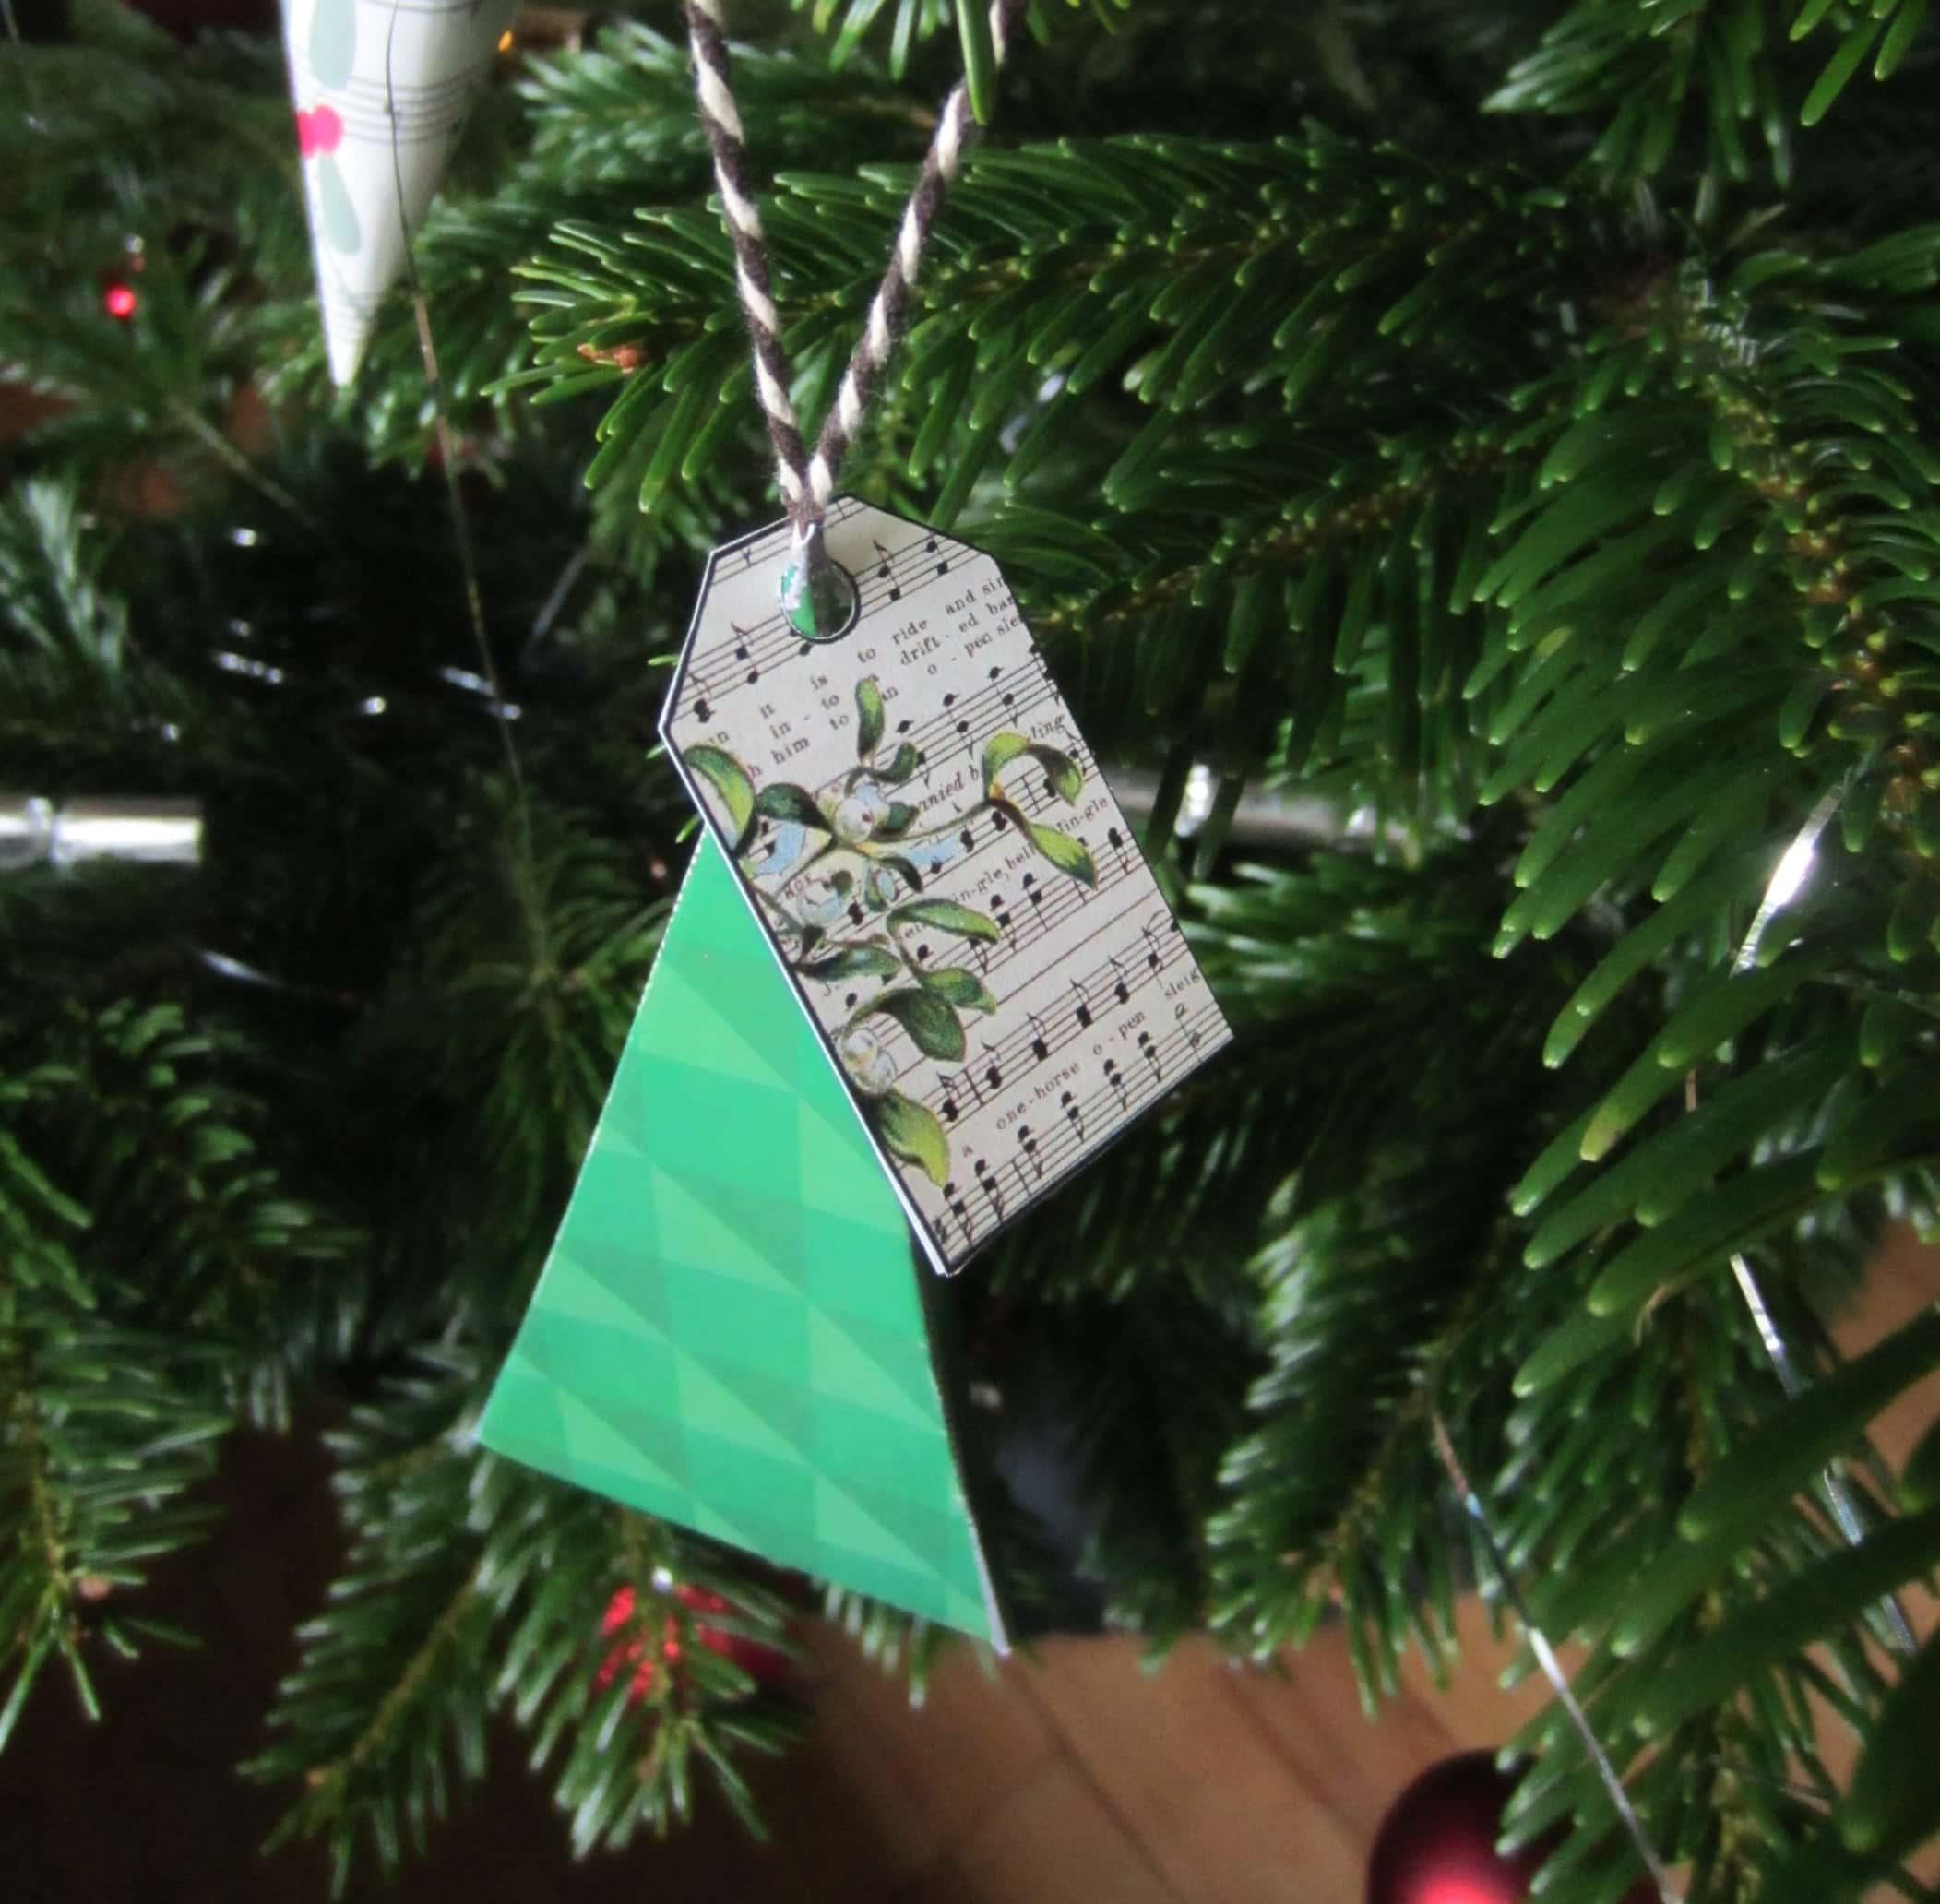 Gavemærker Gavemærkater - til-fra kort. Lav selv gaver, pak dem fint ind Find inspiration til din jul, gratis print og opskrifter på danishthings.com.